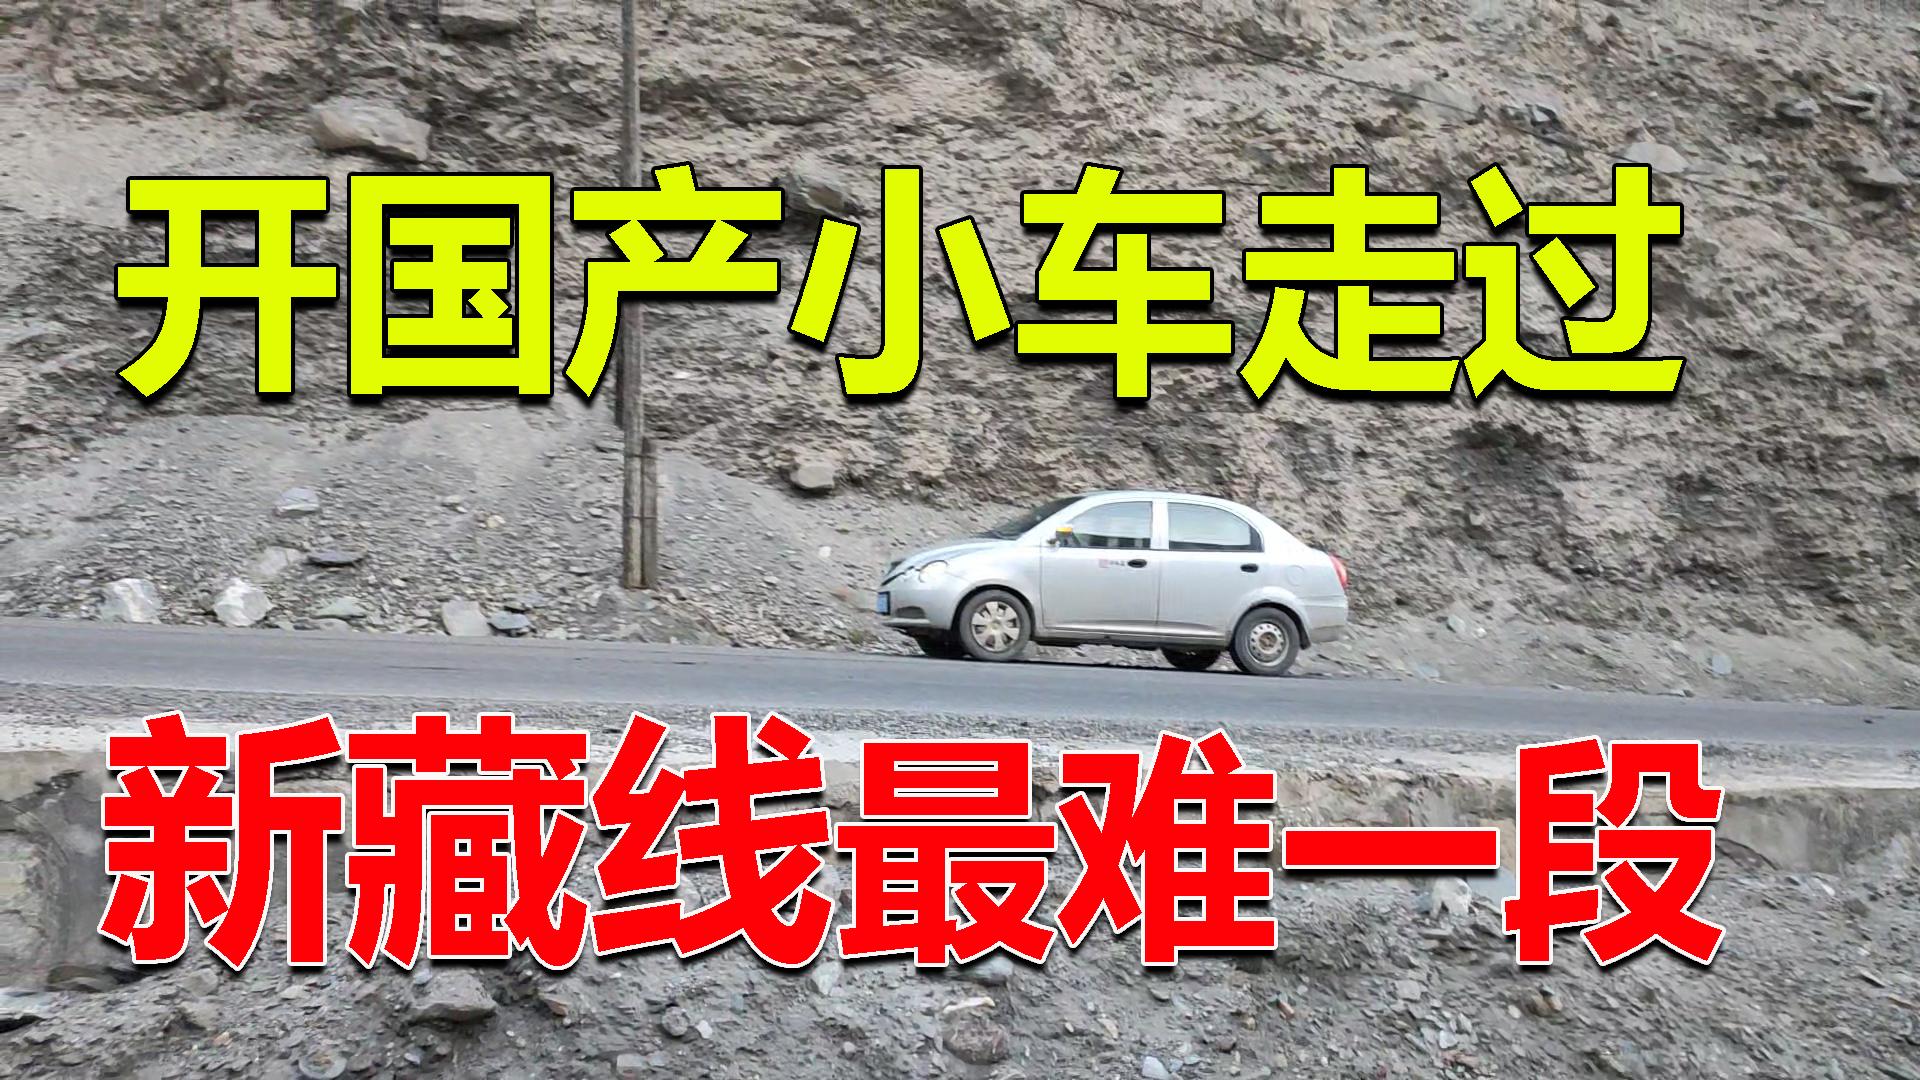 二手国产车自驾新藏线,车子频繁开锅,200公里路走了一整夜